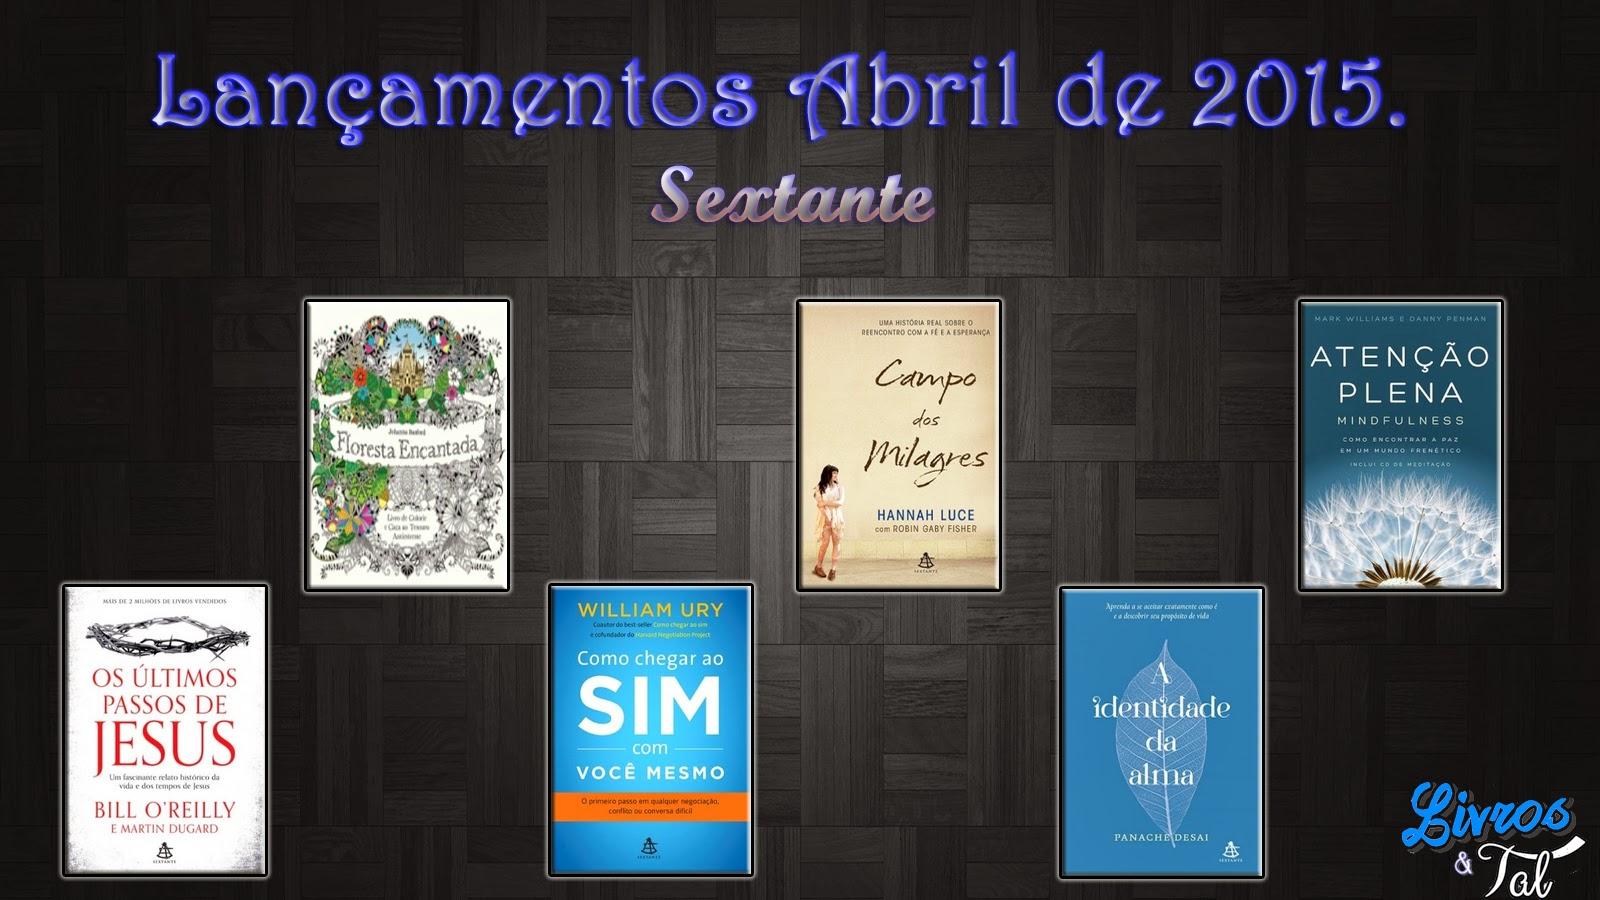 http://livrosetalgroup.blogspot.com.br/p/lancamentos-abril-de-2015-editora_39.html